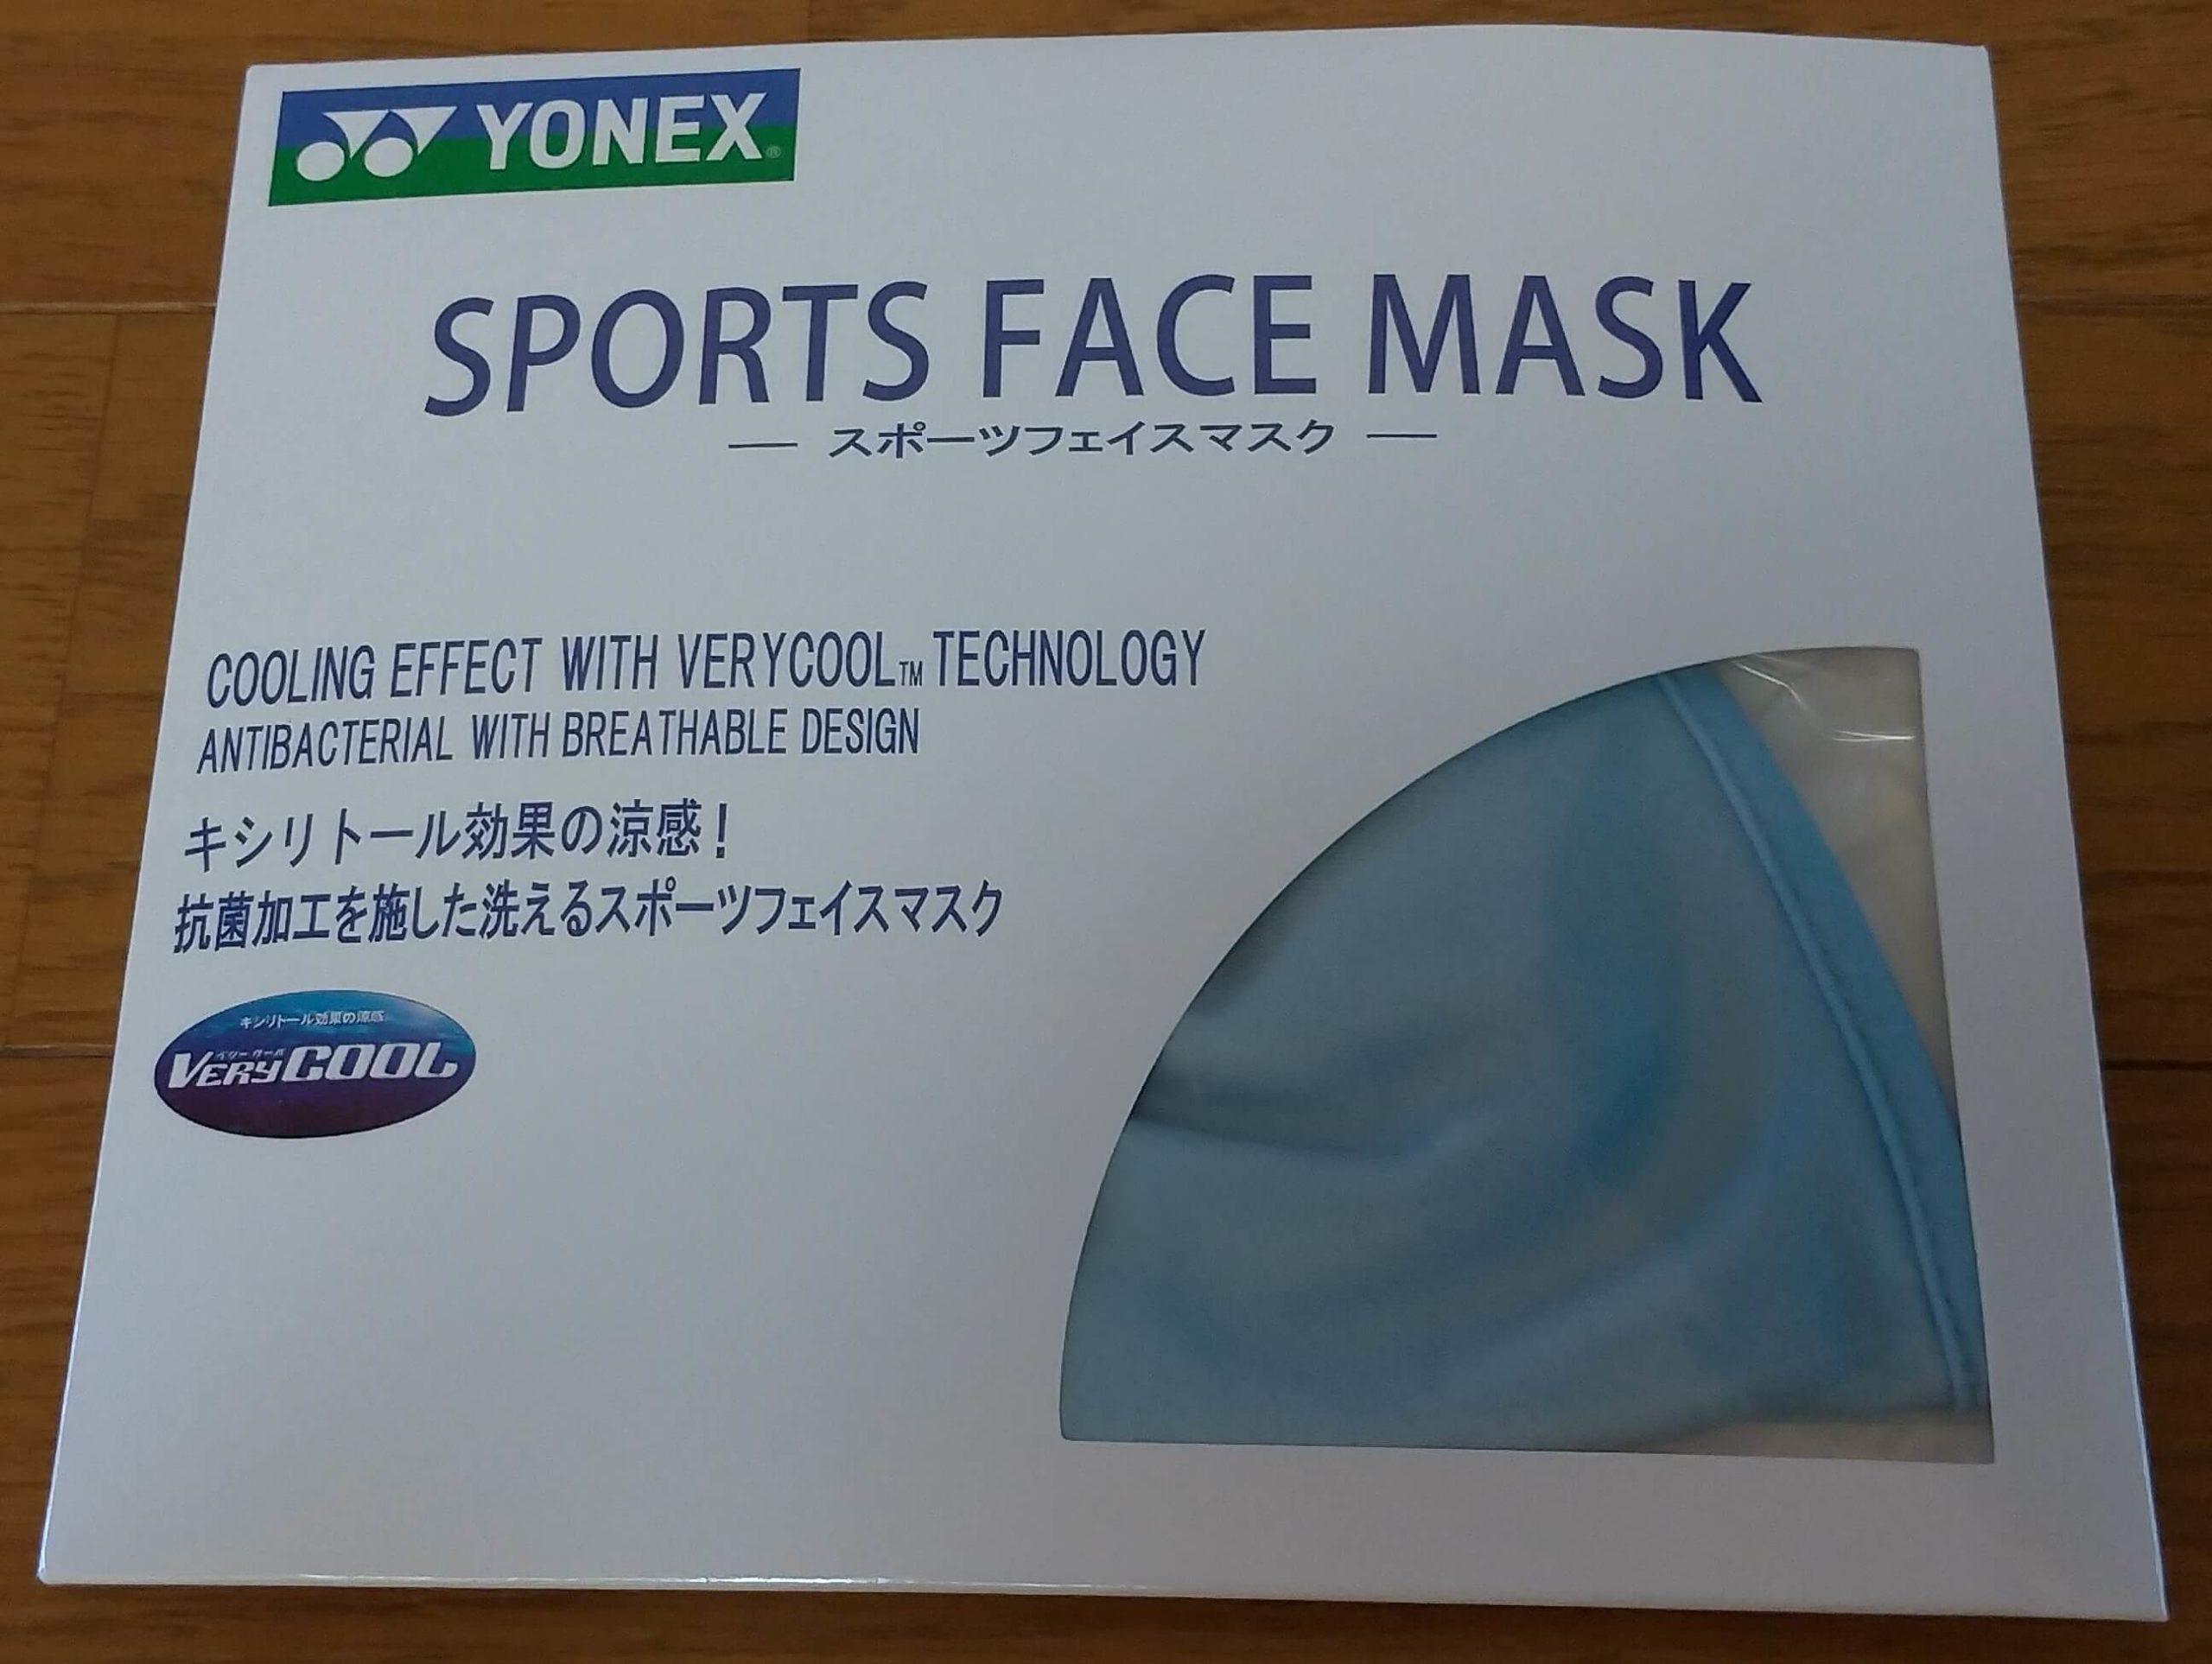 ヨネックススポーツフェイスマスク箱画像